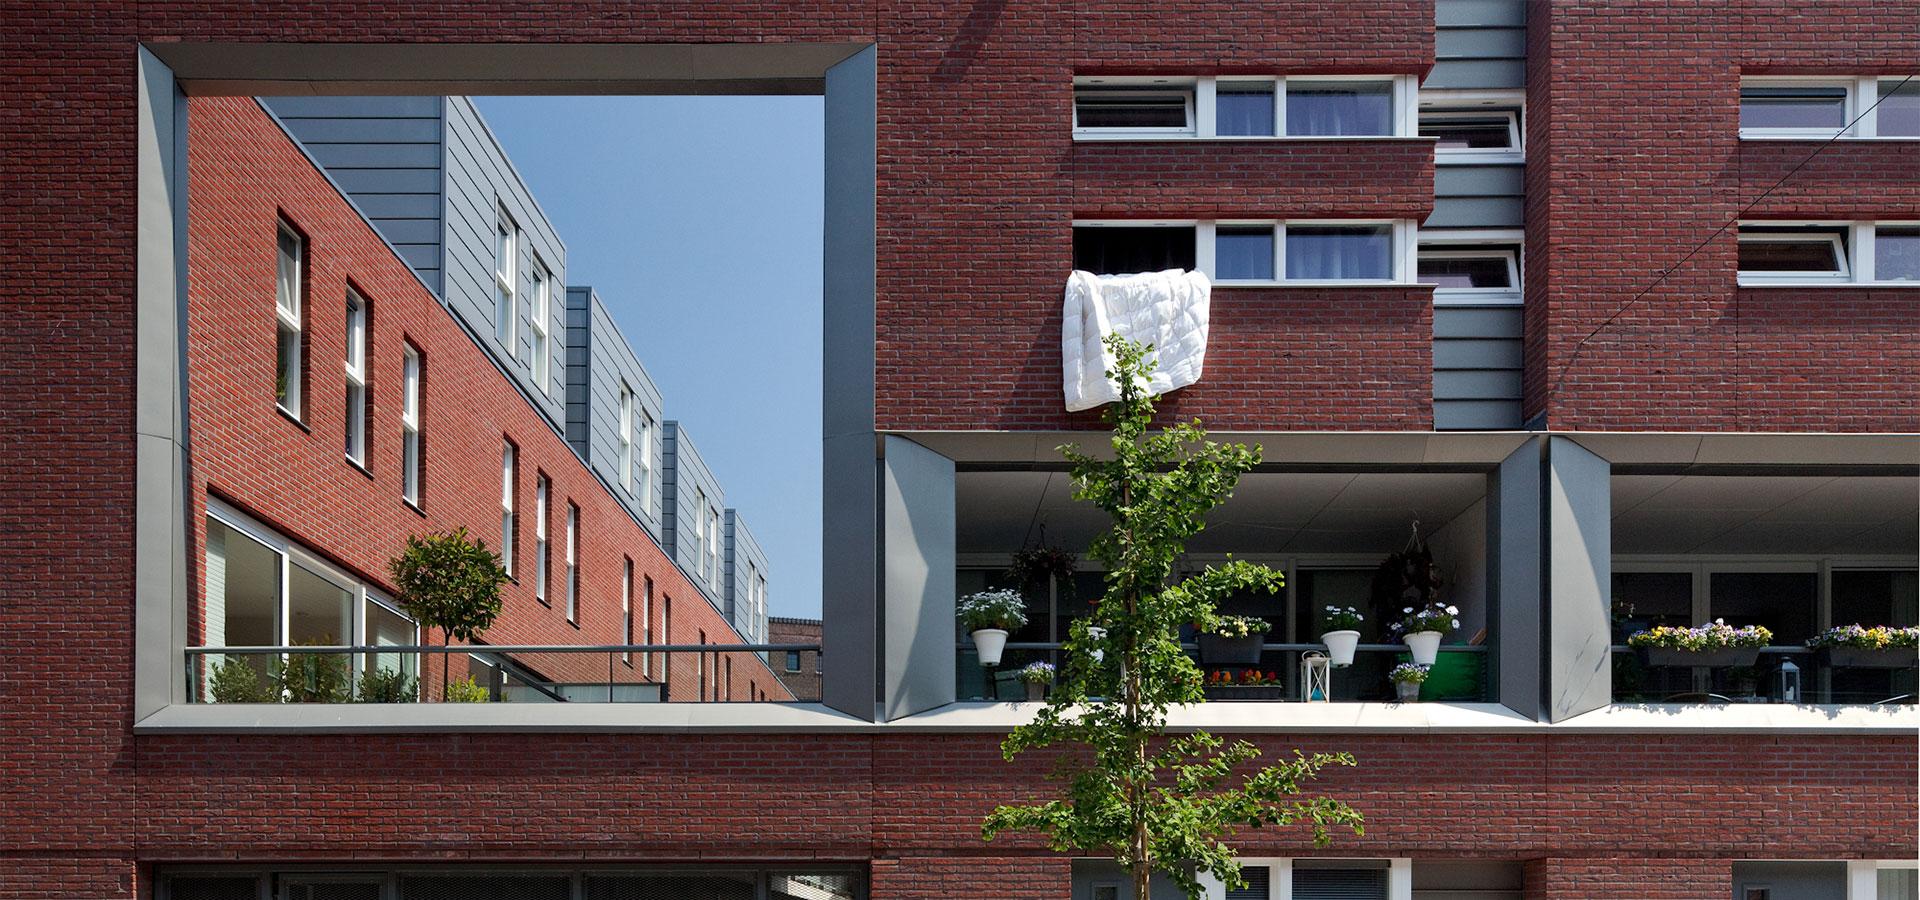 FARO architecten Drosteterrein Haarlem 07